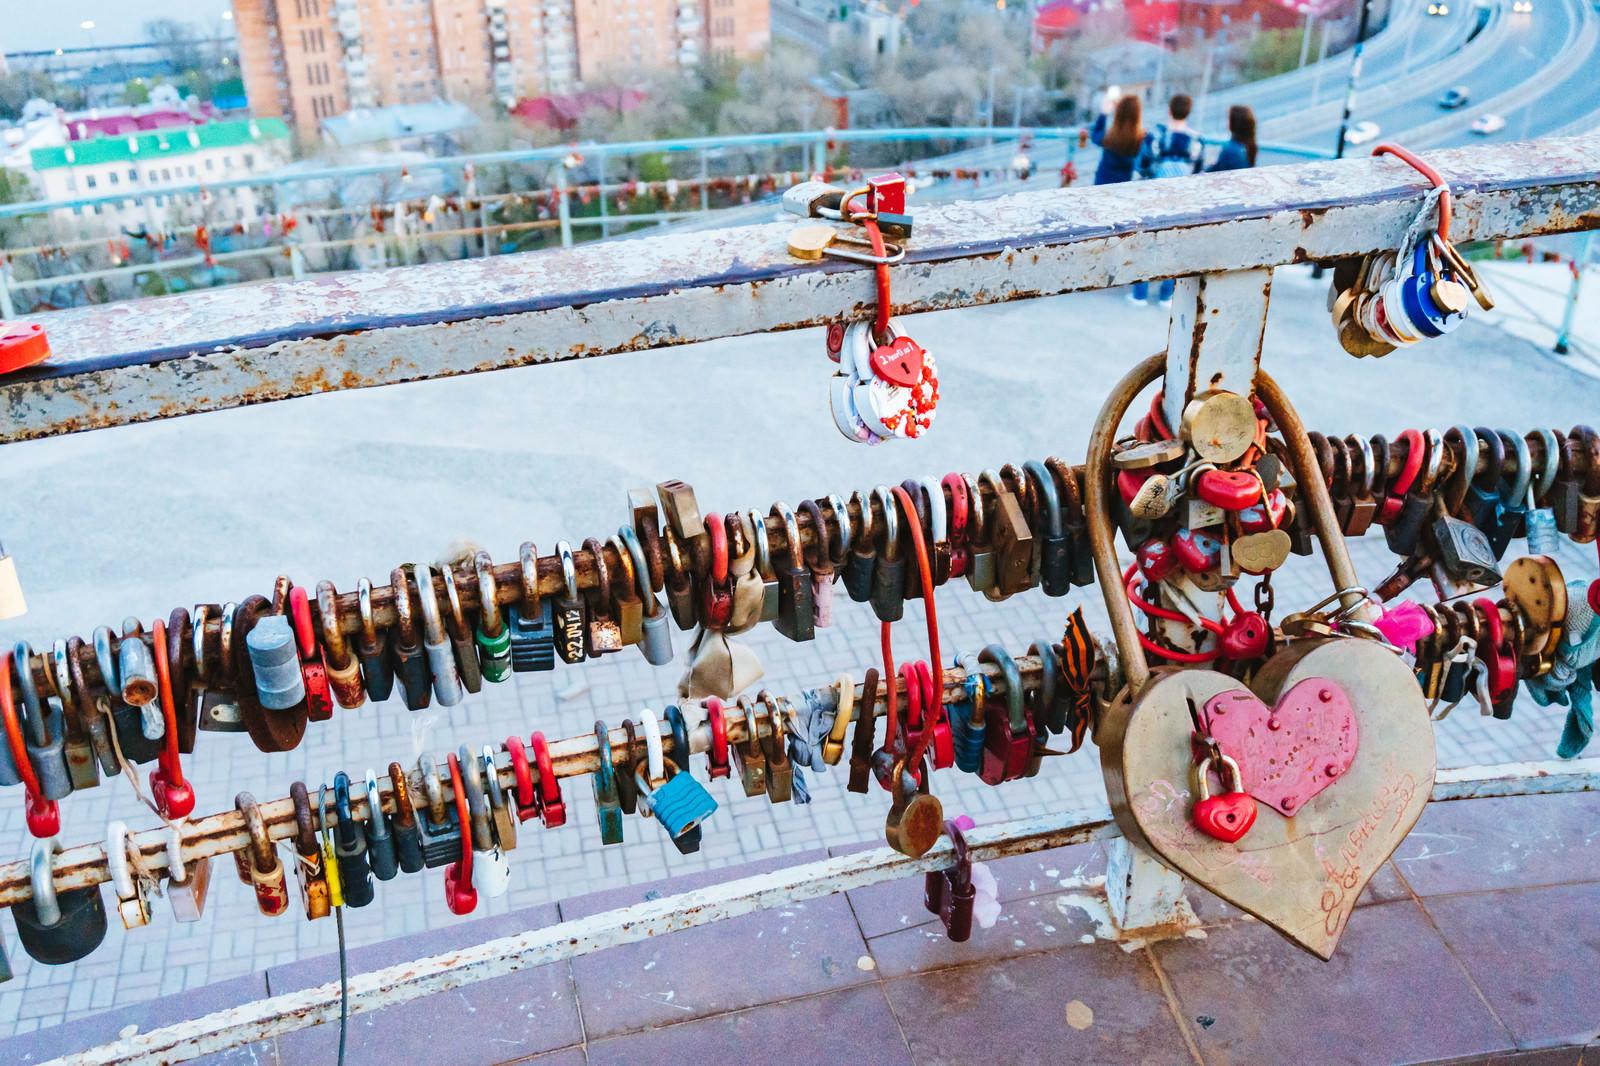 「手すり括り付けられたハート型の南京錠の数々 | 写真の無料素材・フリー素材 - ぱくたそ」の写真